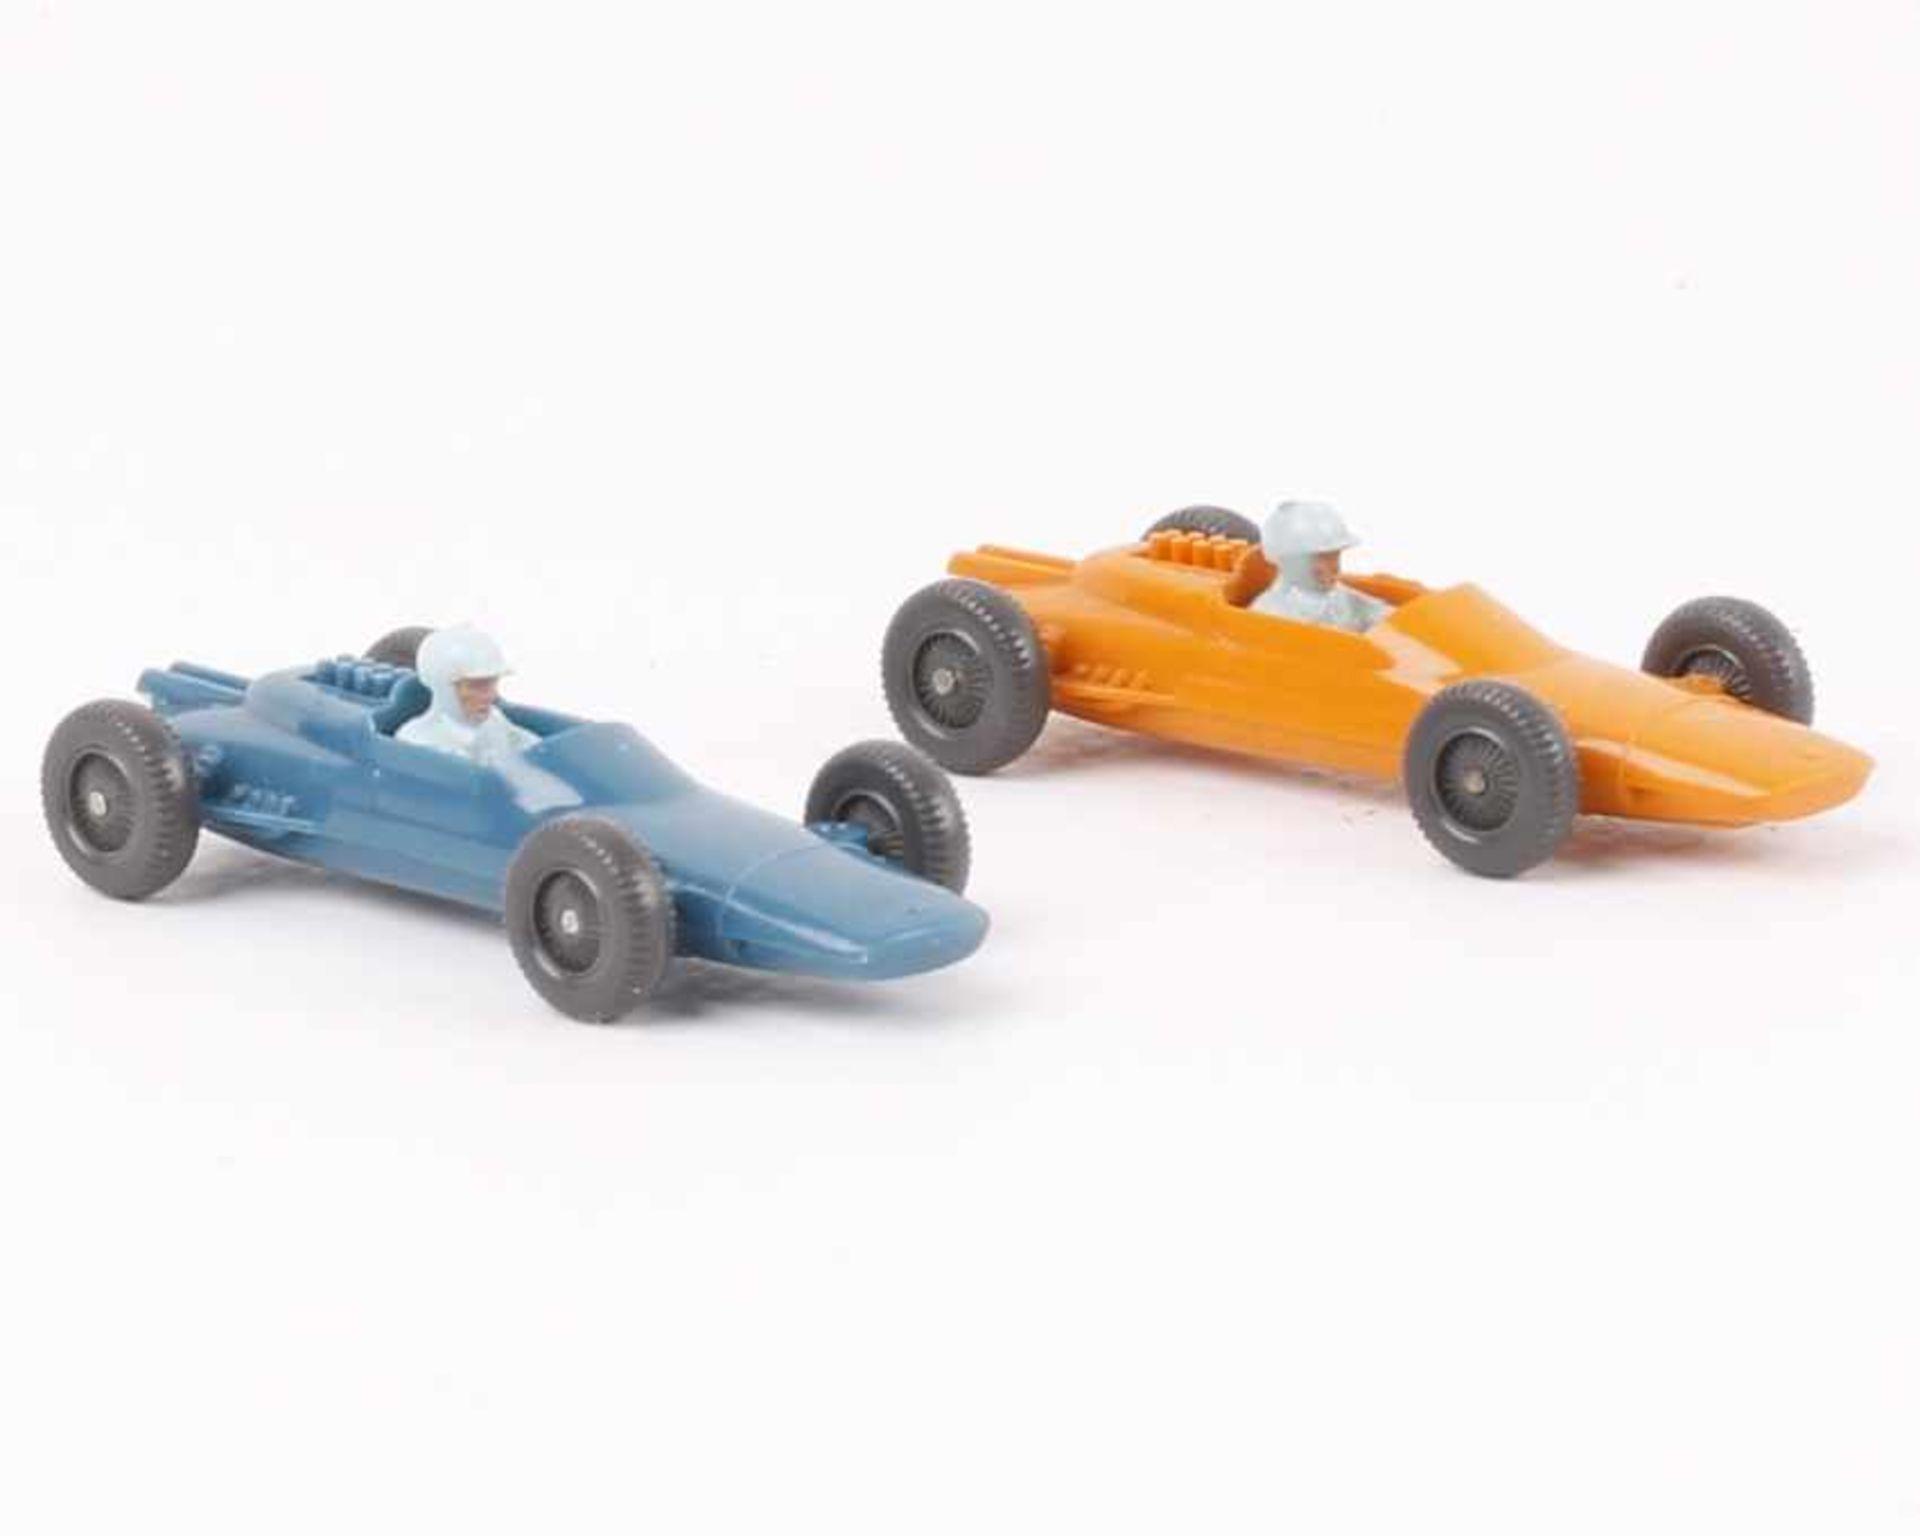 Wiking2 Lotus Rennwagen244/1b, c, jeweils mit blauem Fahrer, neuwertig